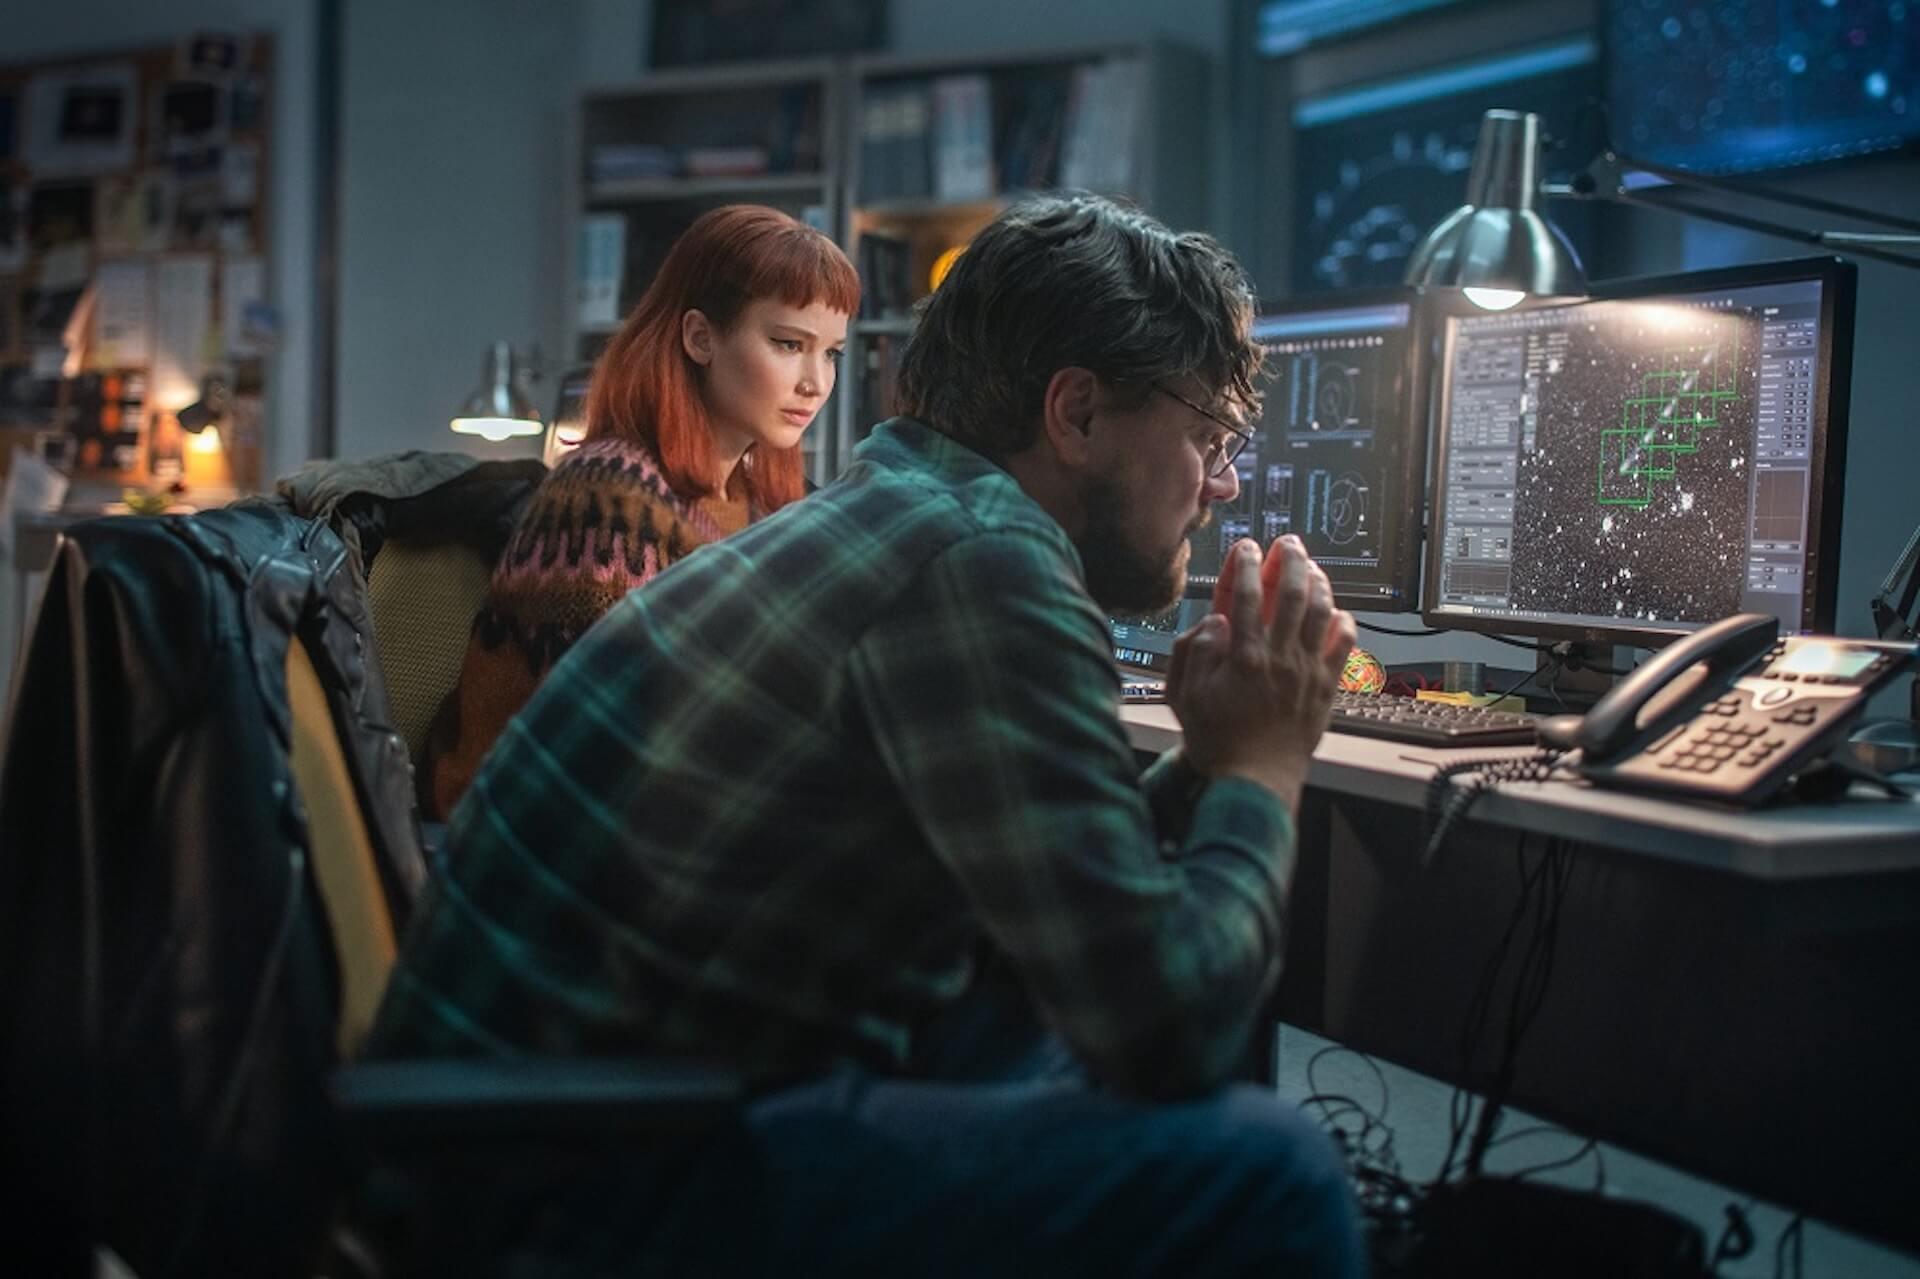 ディカプリオが地球に落ちてくる彗星をくい止めるために奔走!?Netflix『ドント・ルック・アップ』の初映像&場面写真が解禁 film210910_dontlookup_2